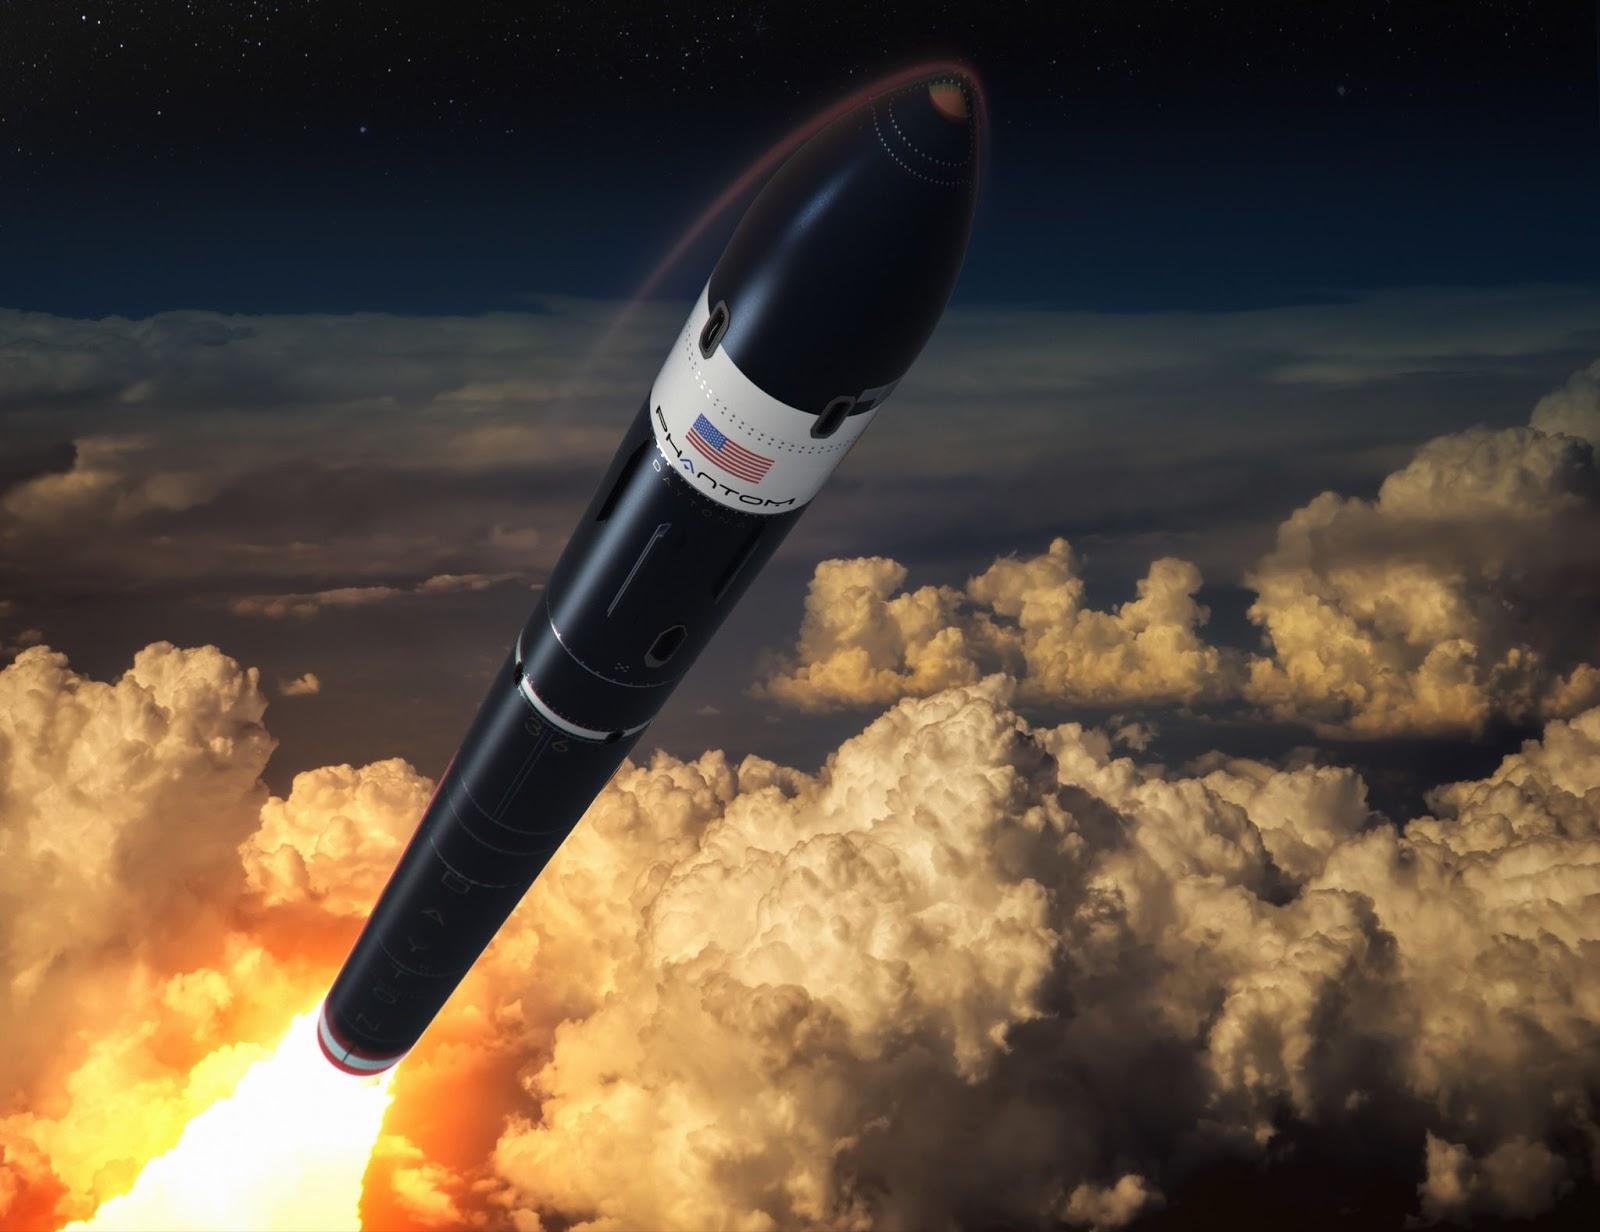 Художественная визуализация ракеты Daytona. Изображение: Phantom Space